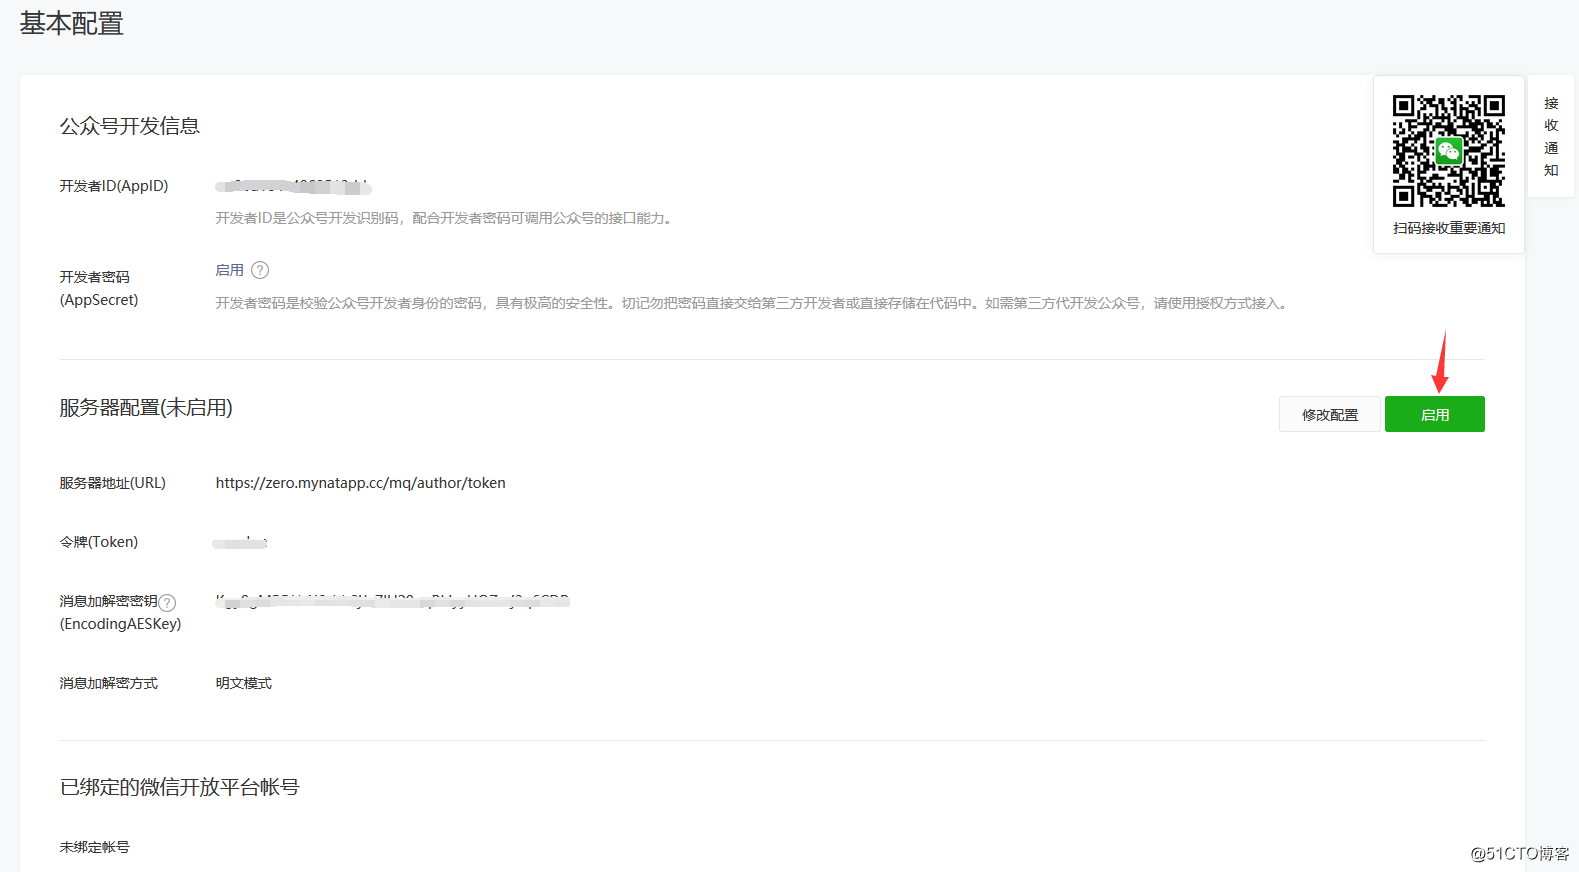 微信公众号开发者模式介绍及接入